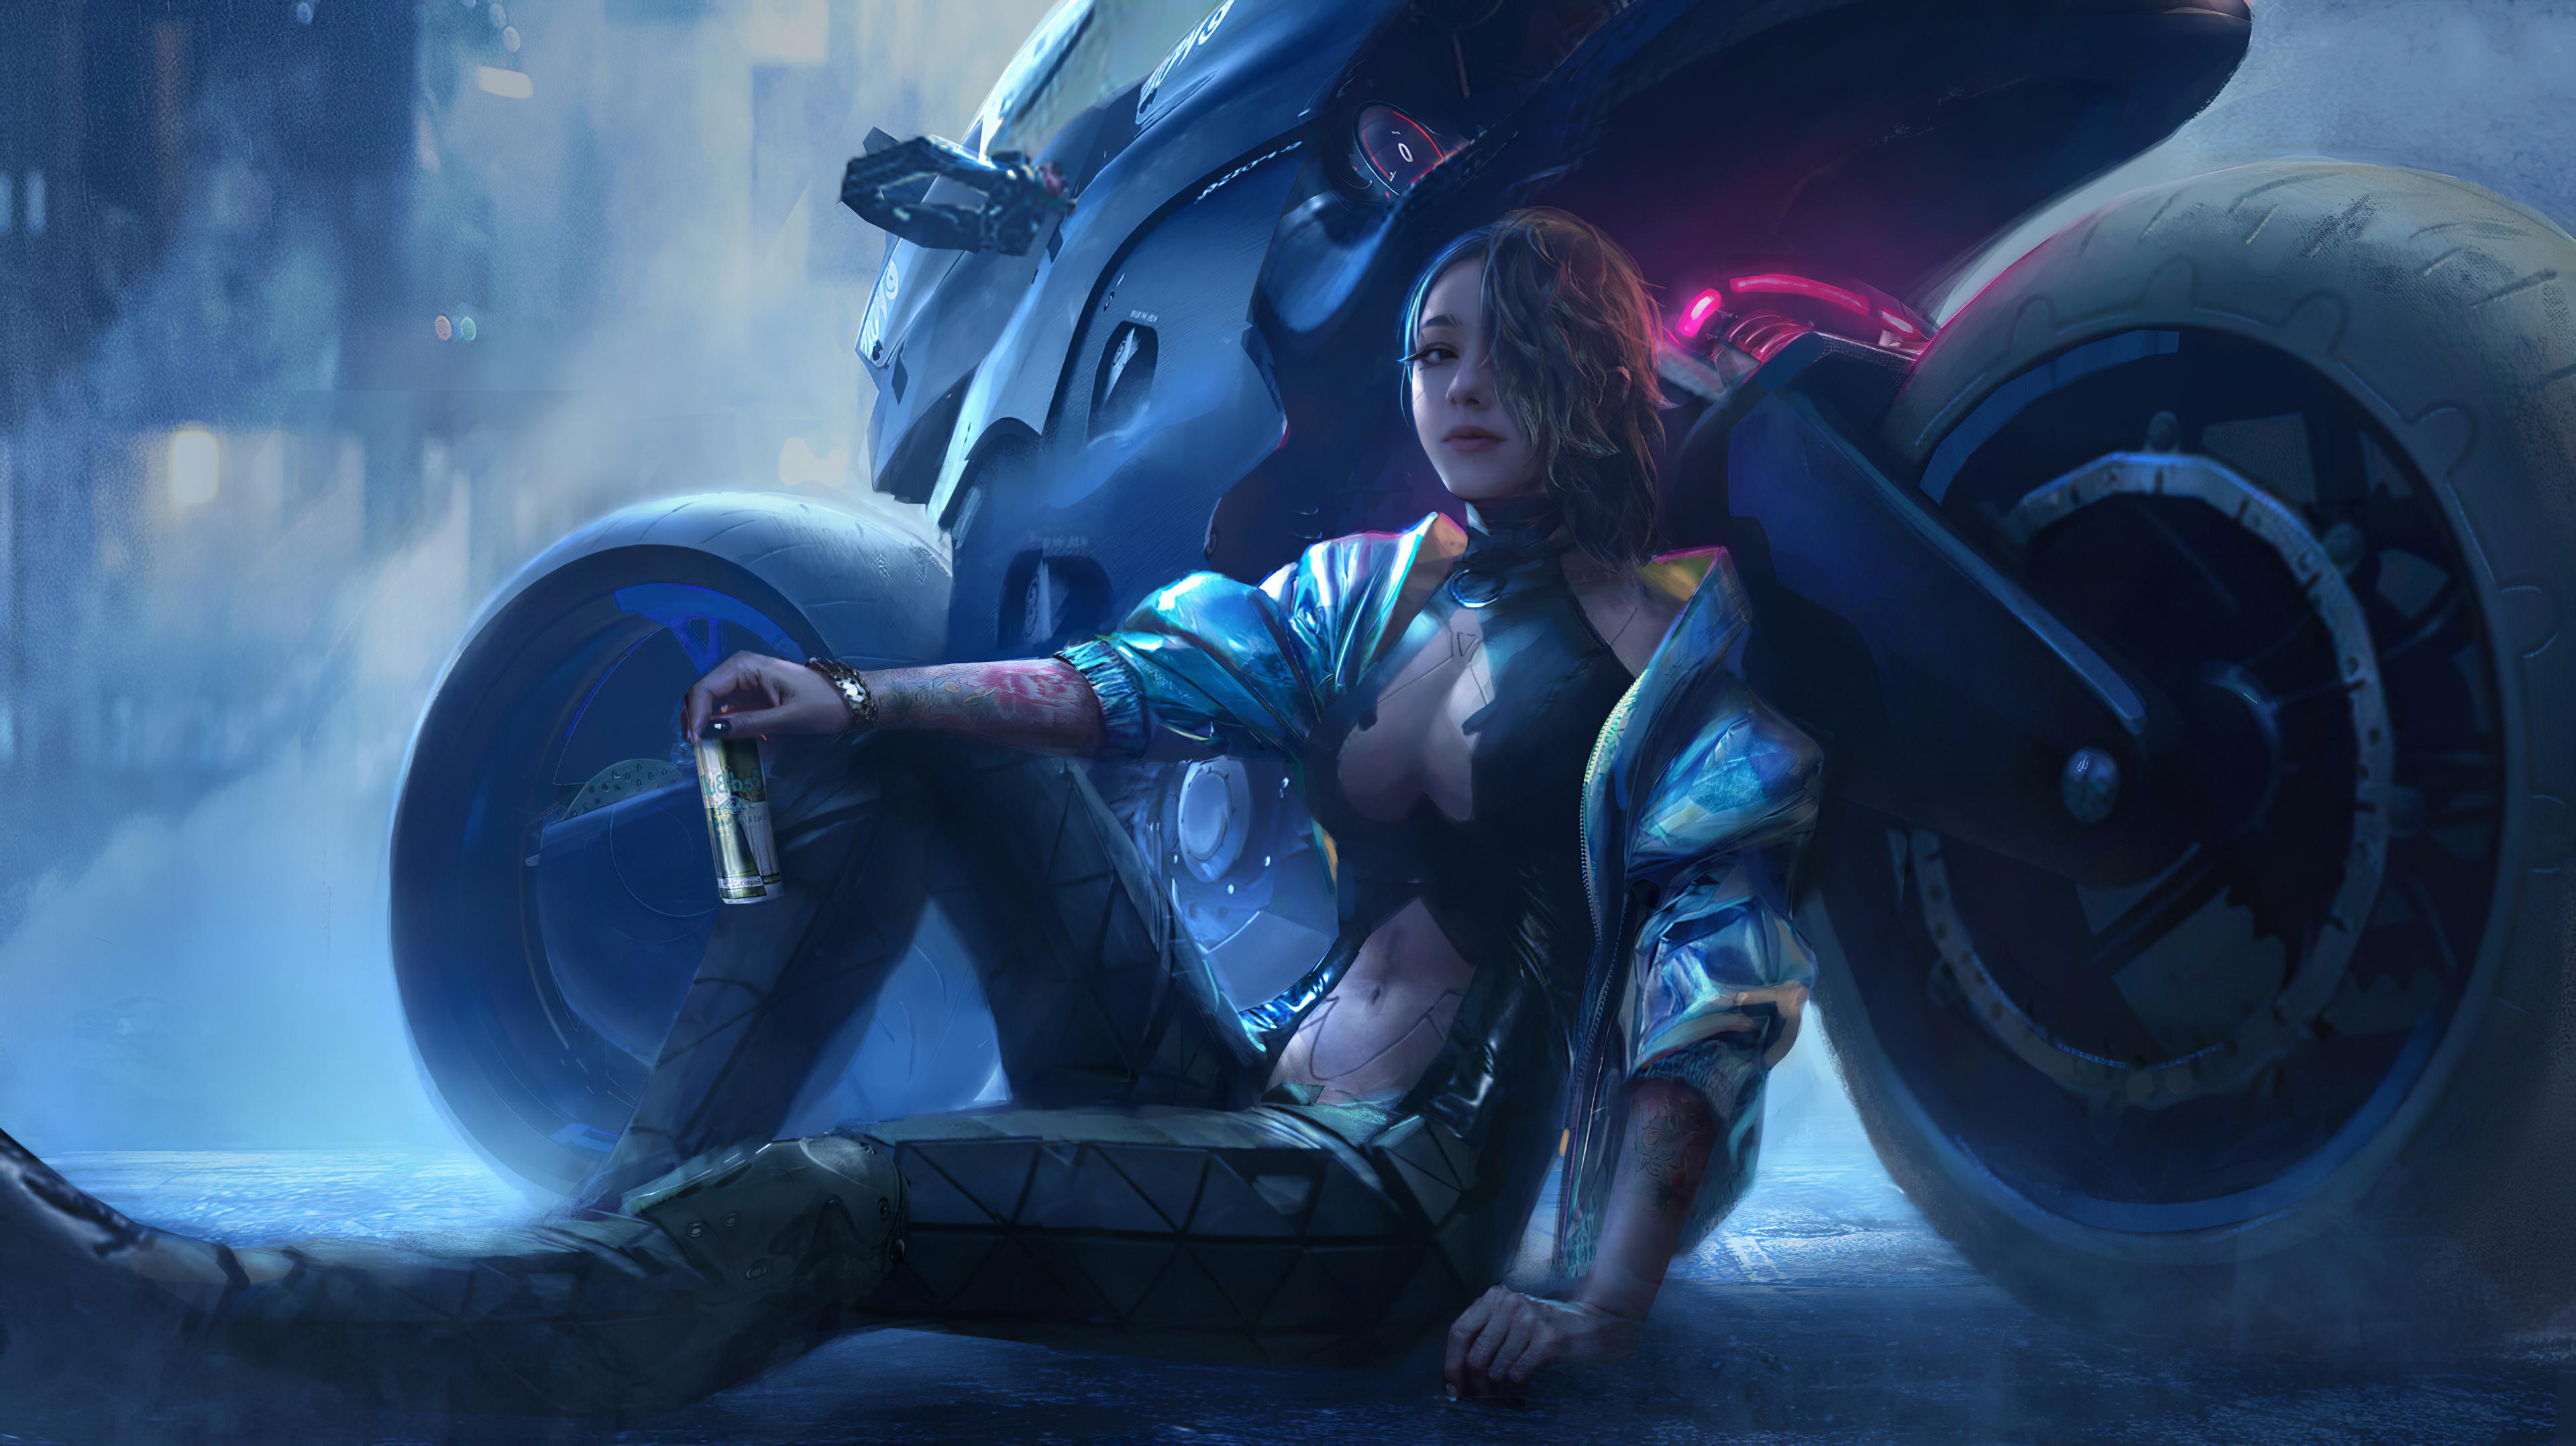 Fondos de pantalla Ilustración de chica con motocicleta